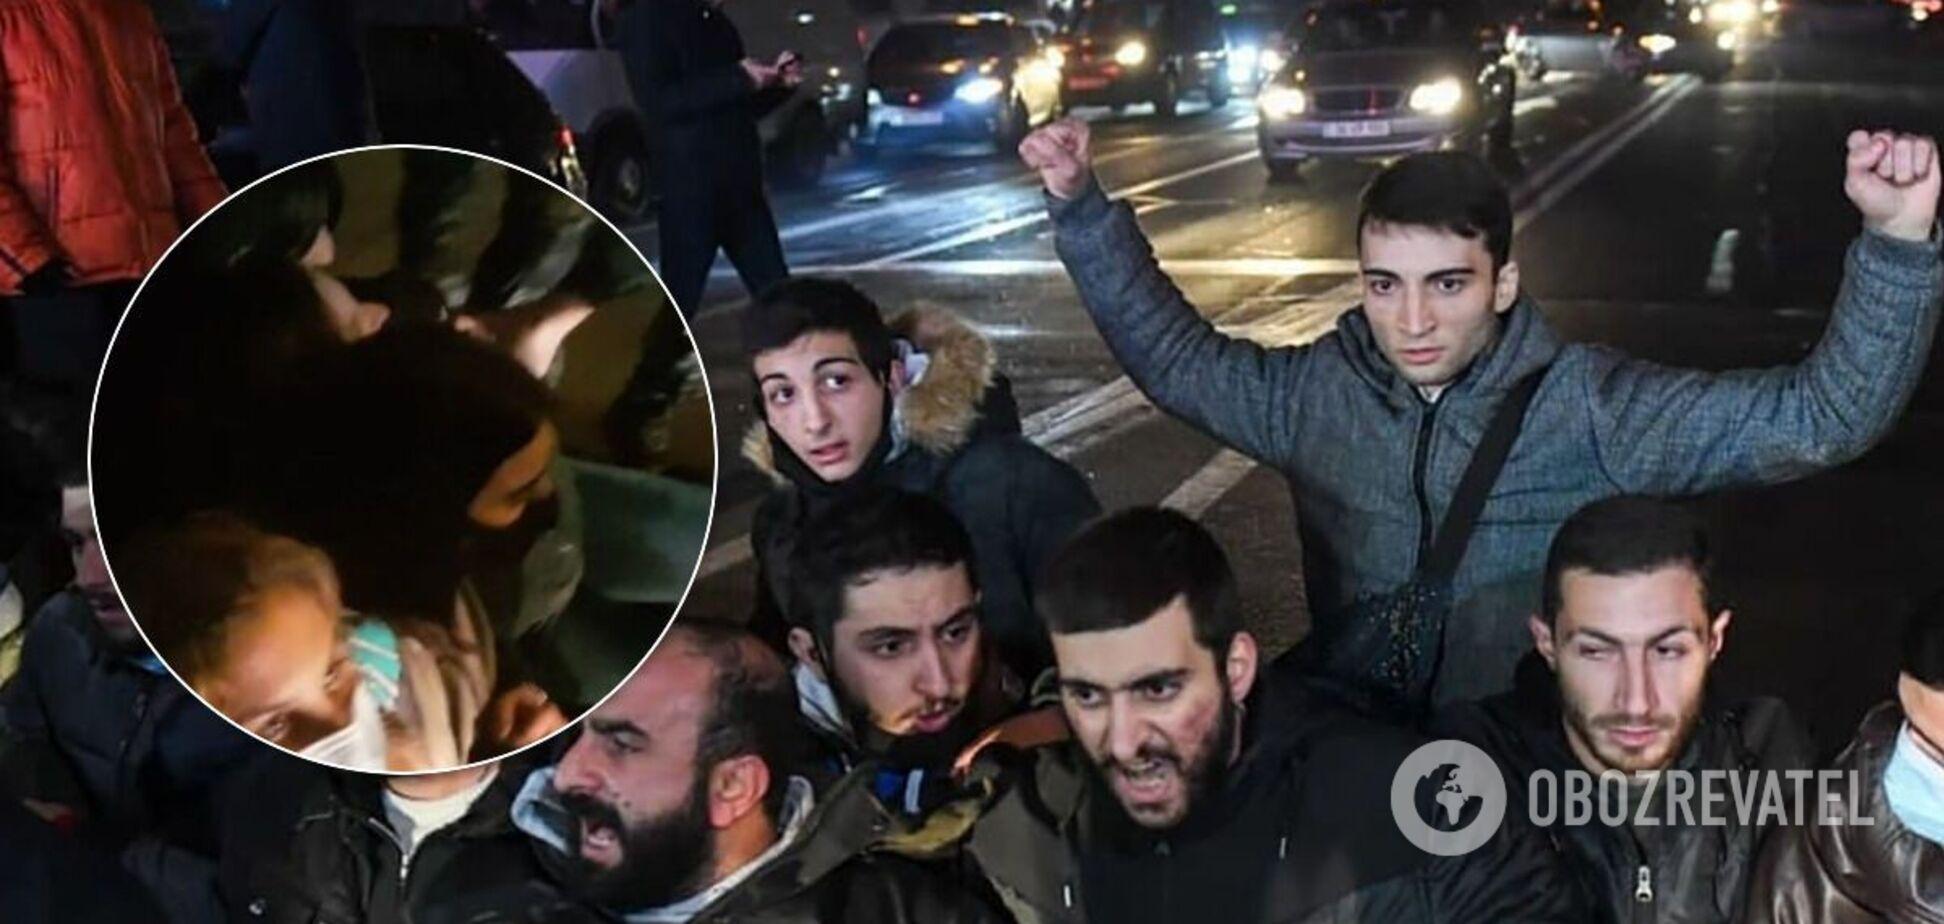 Протести в Єревані 3 грудня